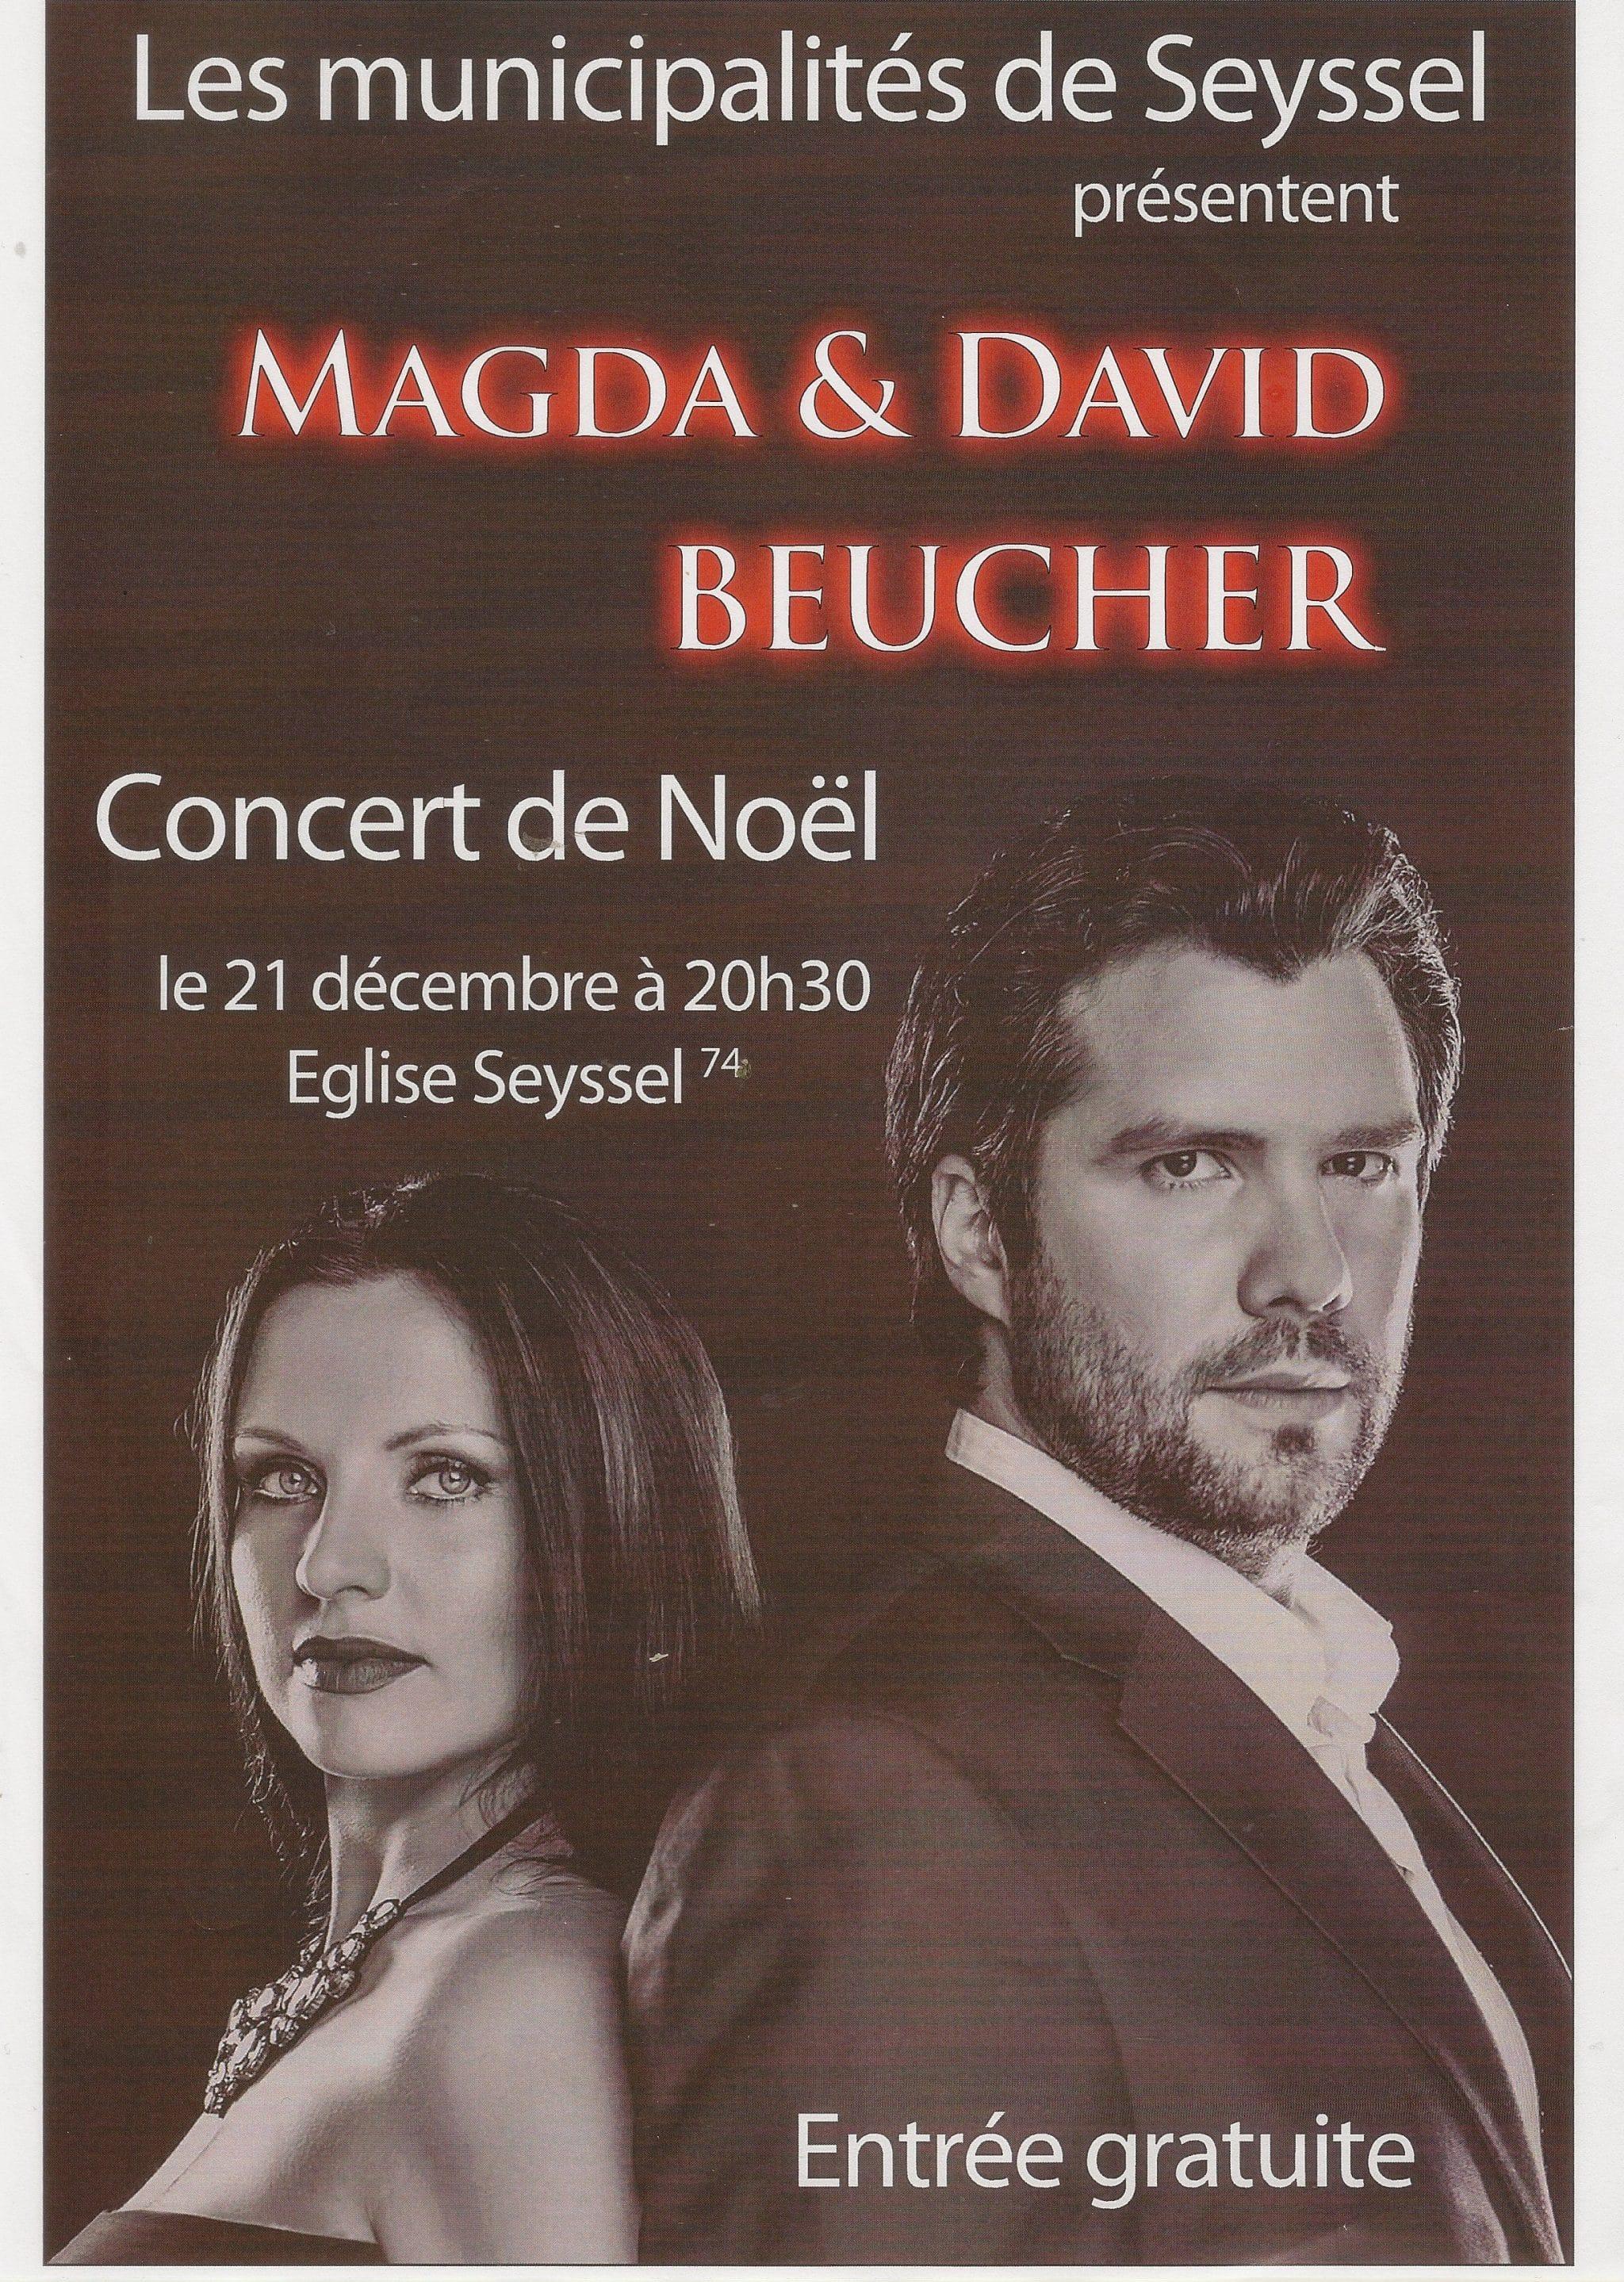 Concert-de-noel-21-dec